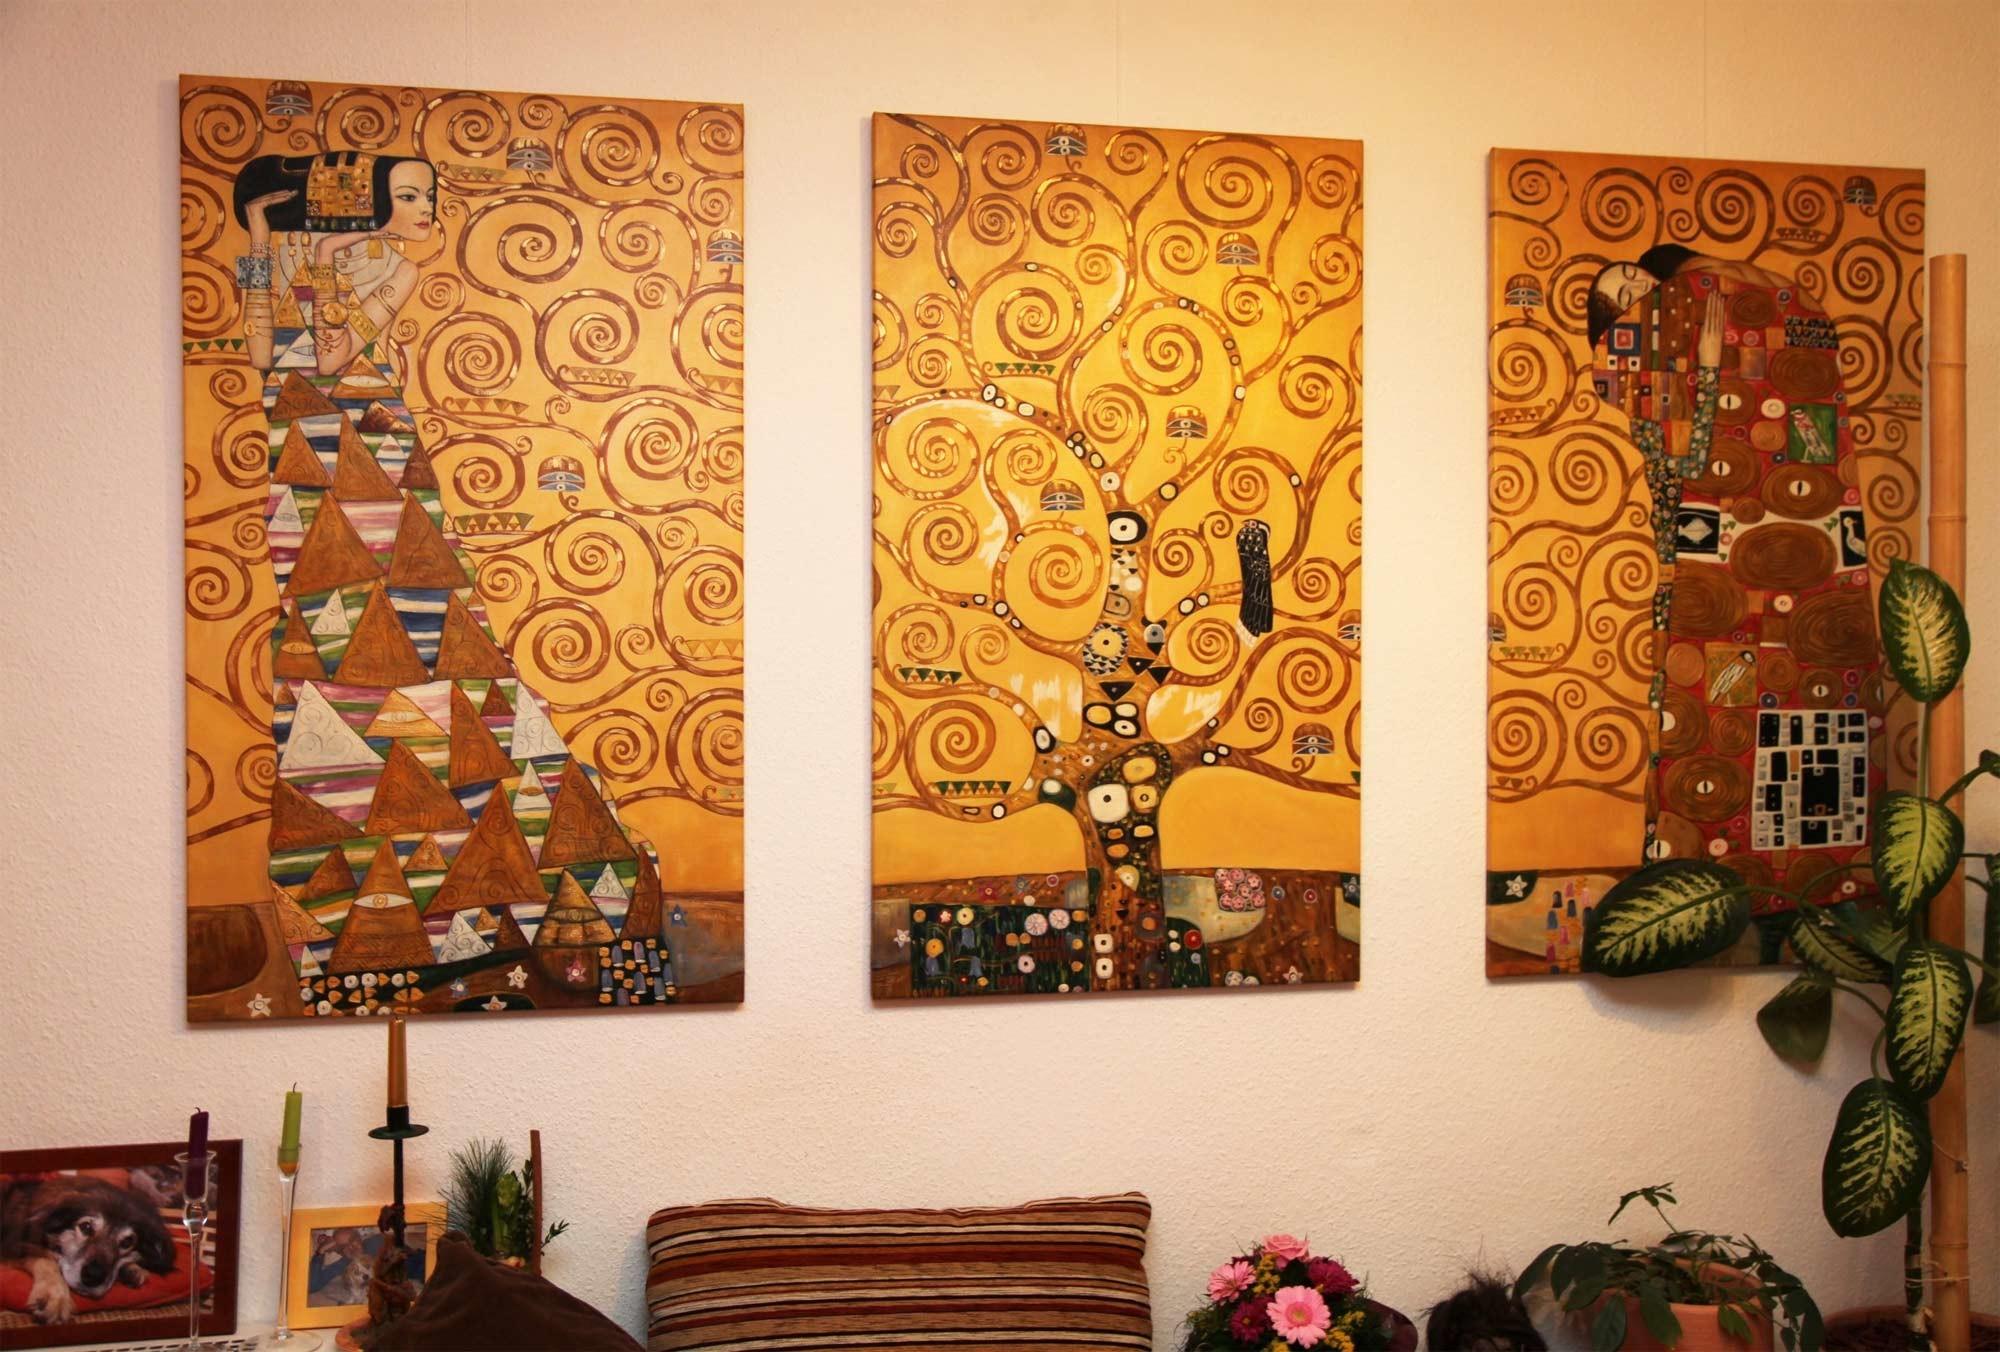 gustav klimt wallpaper 54 images. Black Bedroom Furniture Sets. Home Design Ideas